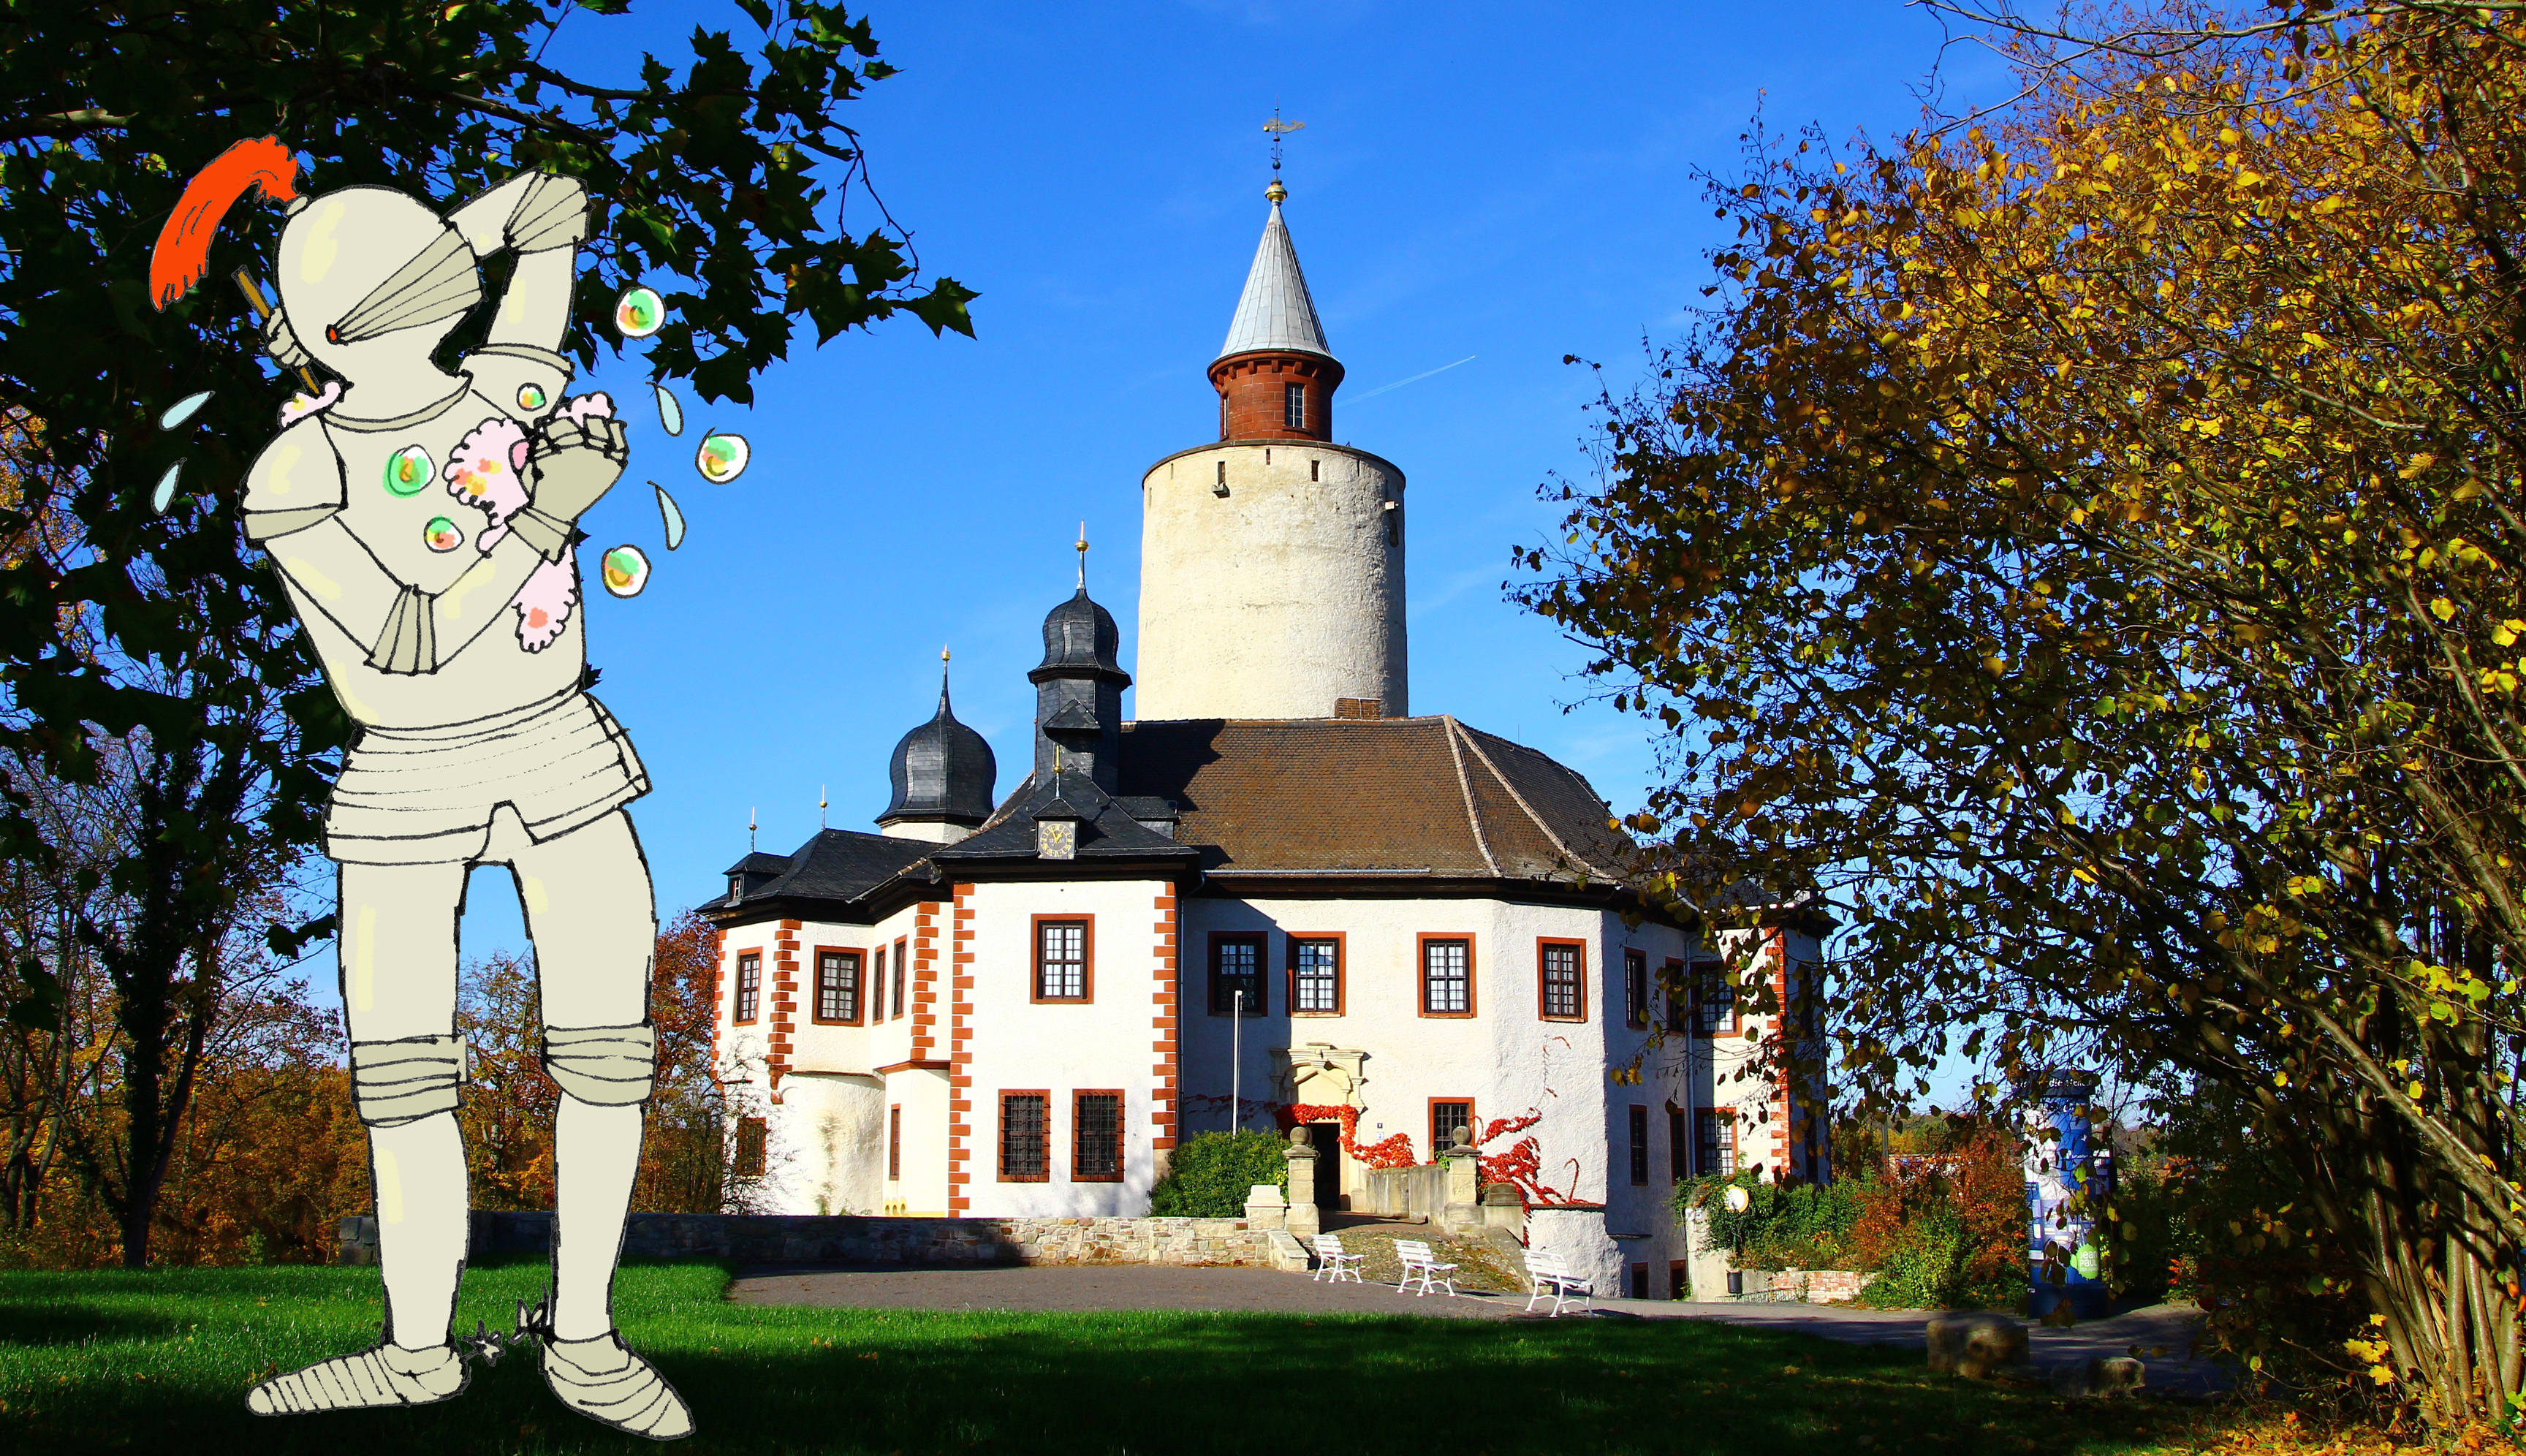 Abgestaubt: Badeten Ritter im Kettenhemd? – Sommerferien und mittelalterliche Spiele auf Burg Posterstein